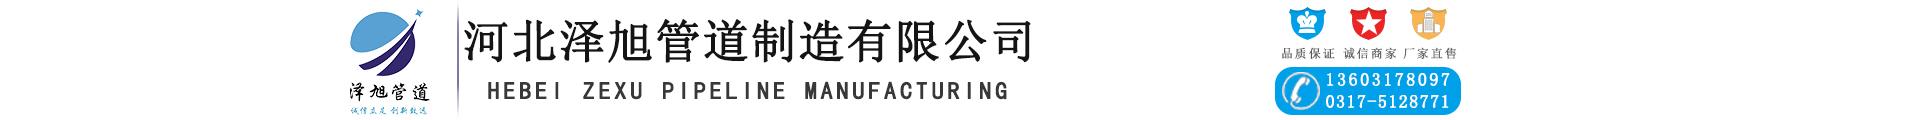 河北澤旭管道製造有限公司